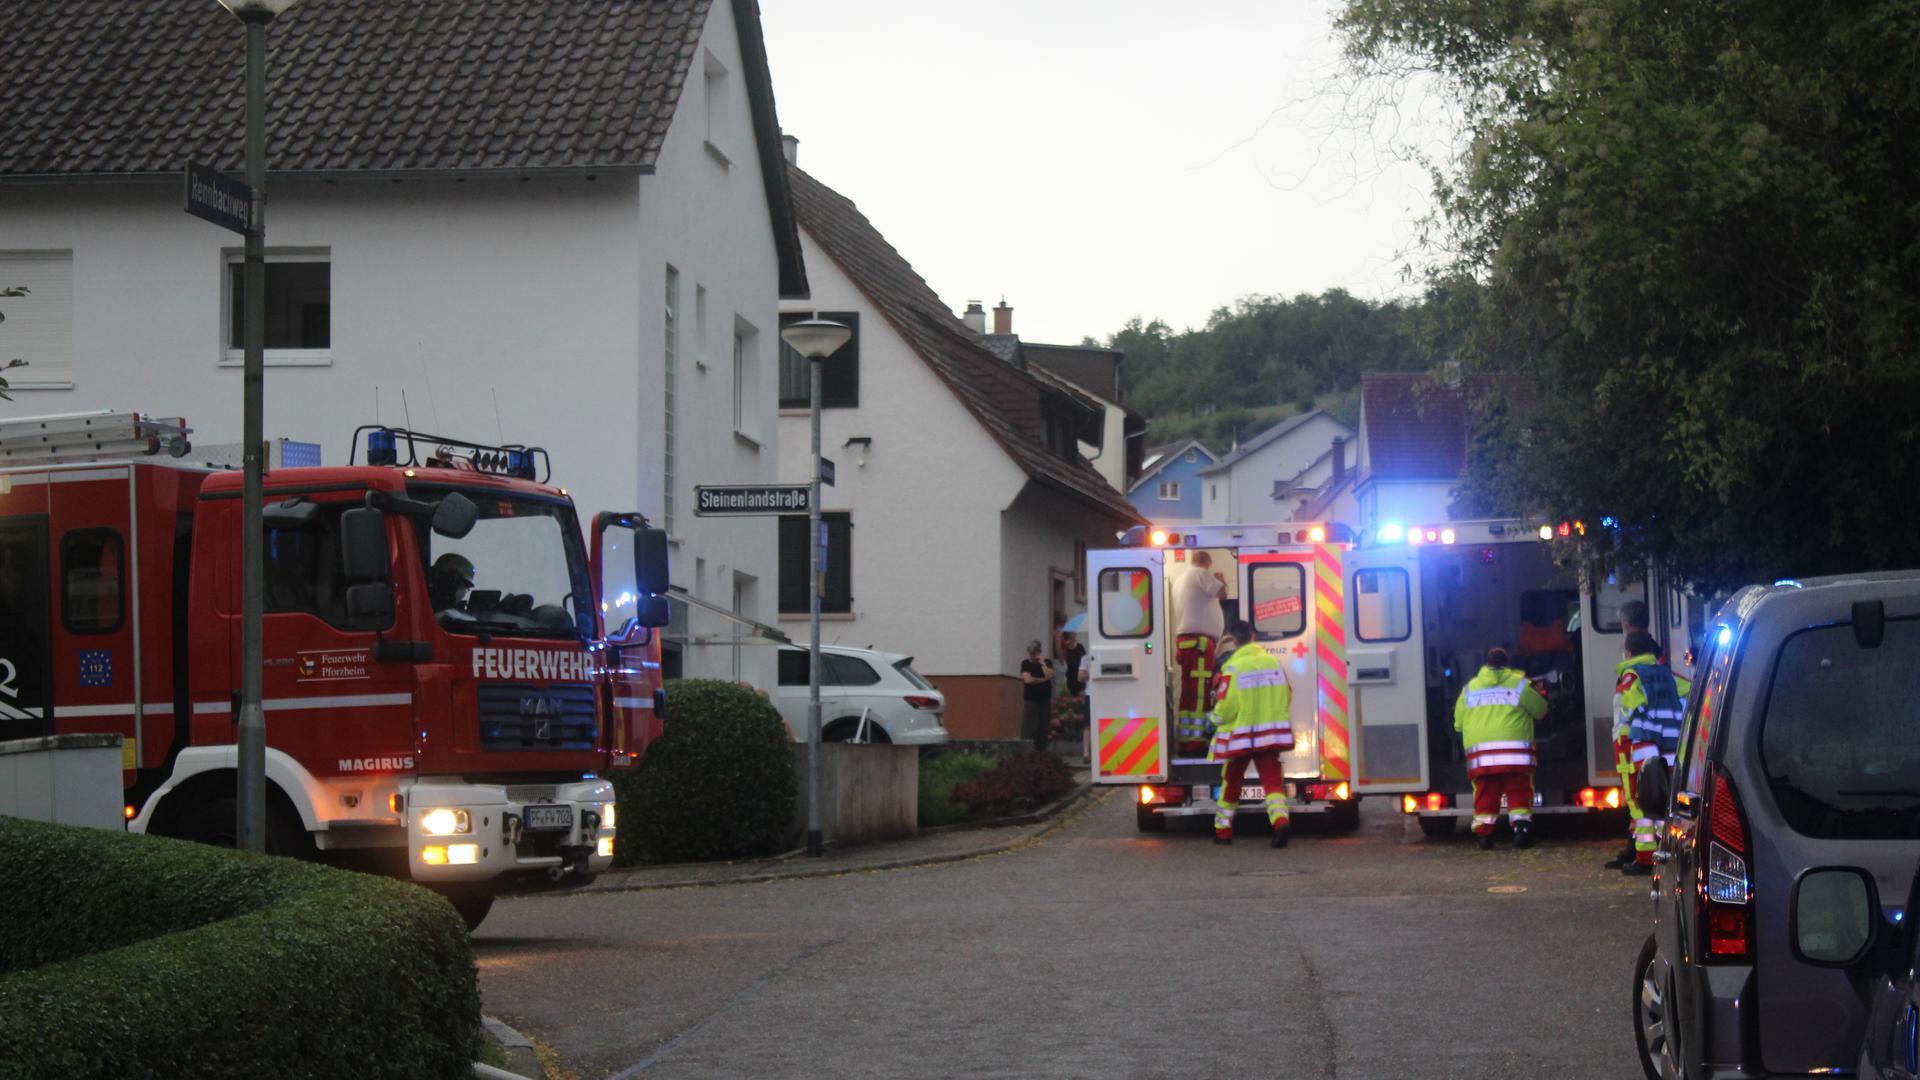 Feuerwehr und Rettungswagen in Pforzheim-Eutingen